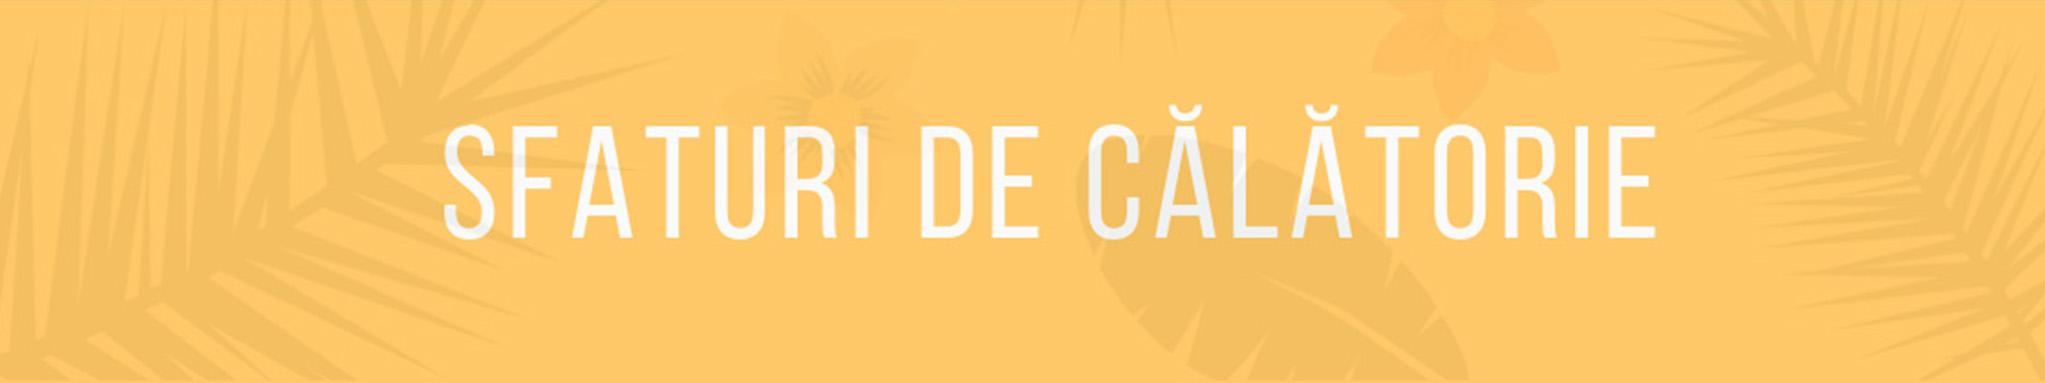 SfaturiDeCalatorie banner